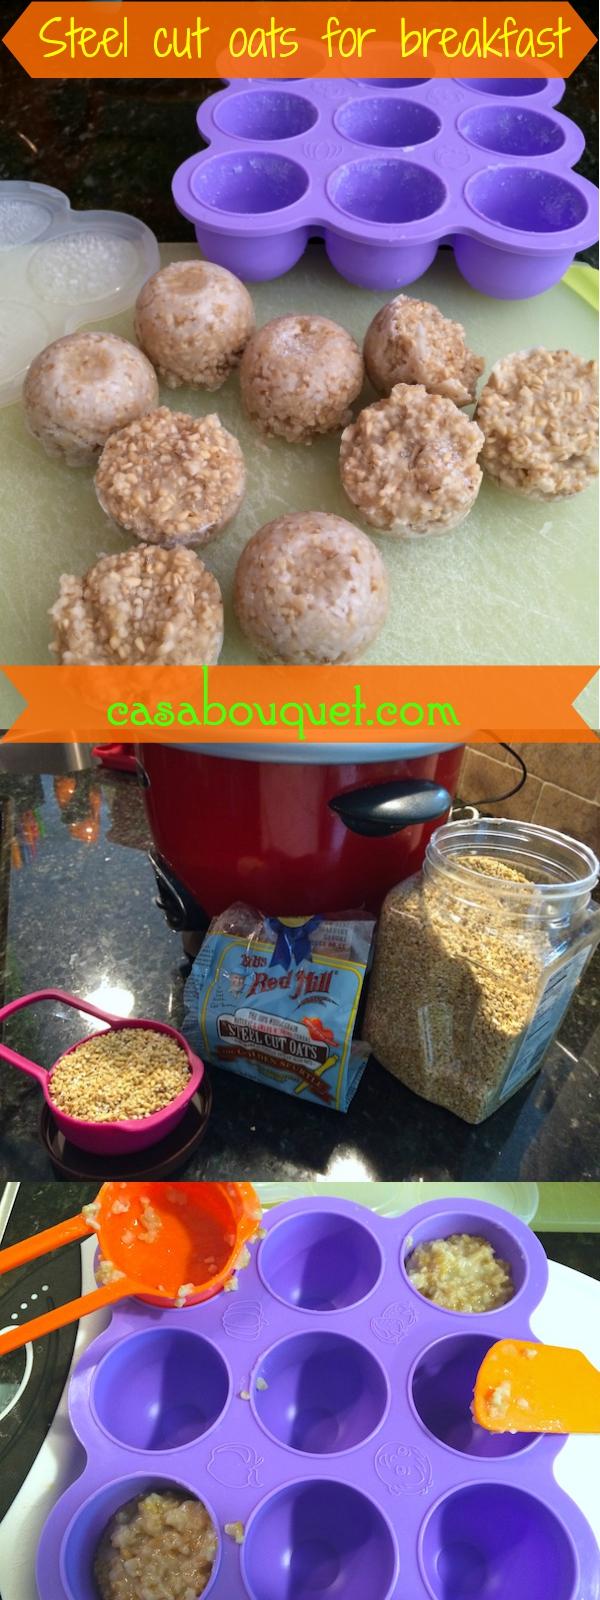 steel cut oats recipe makes frozen pucks for quick breakfast